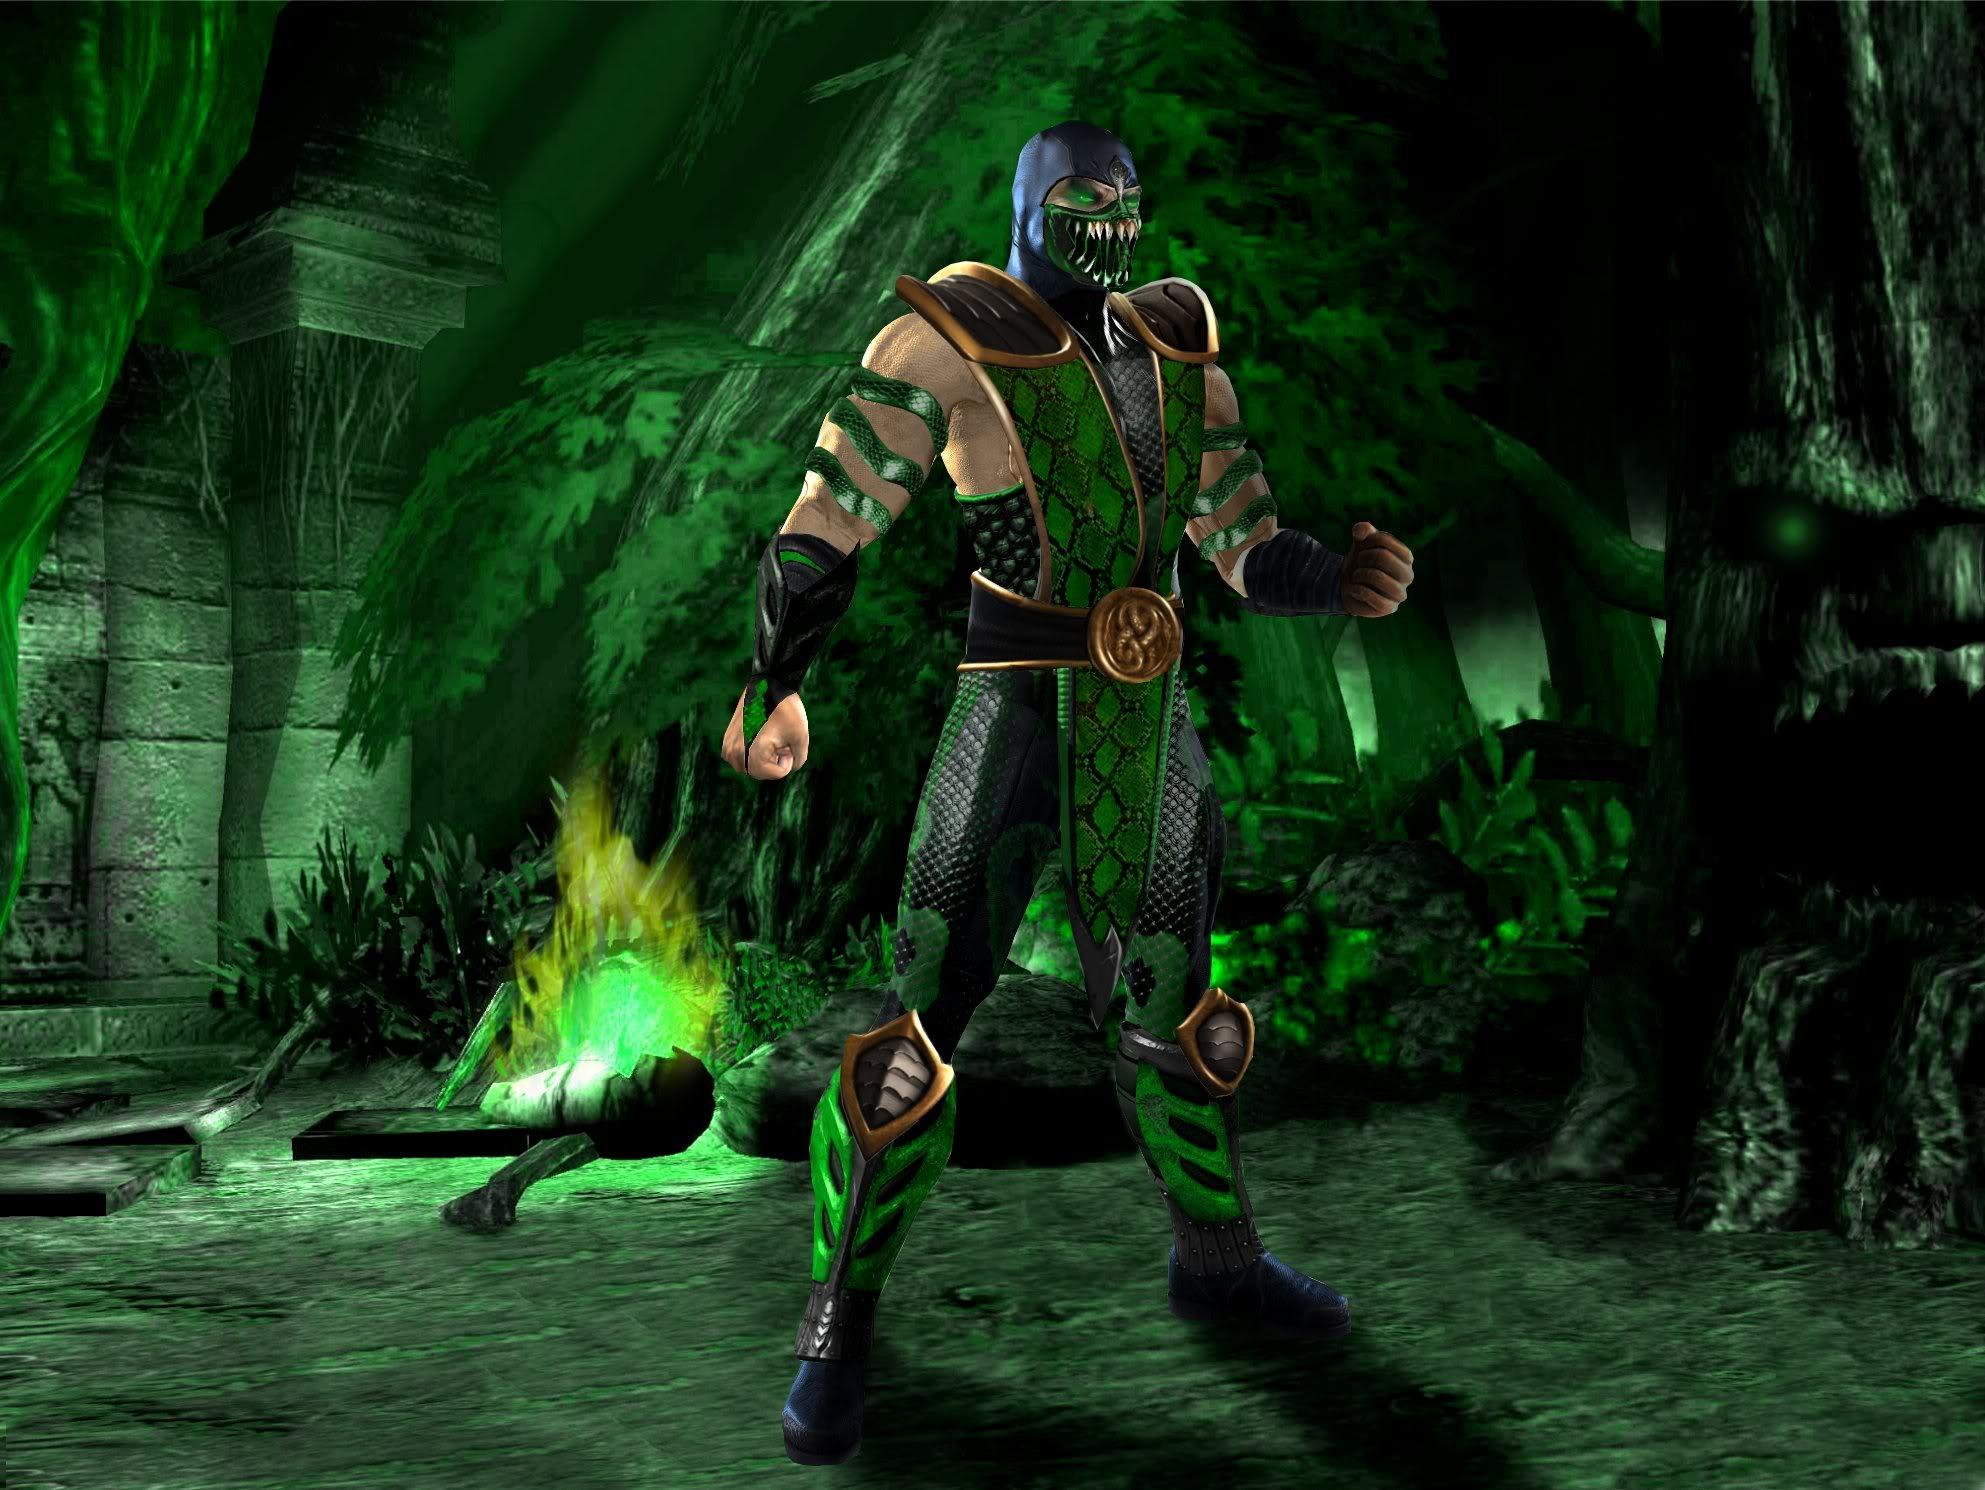 Mortal Kombat Reptile Wallpapers - Top Free Mortal Kombat